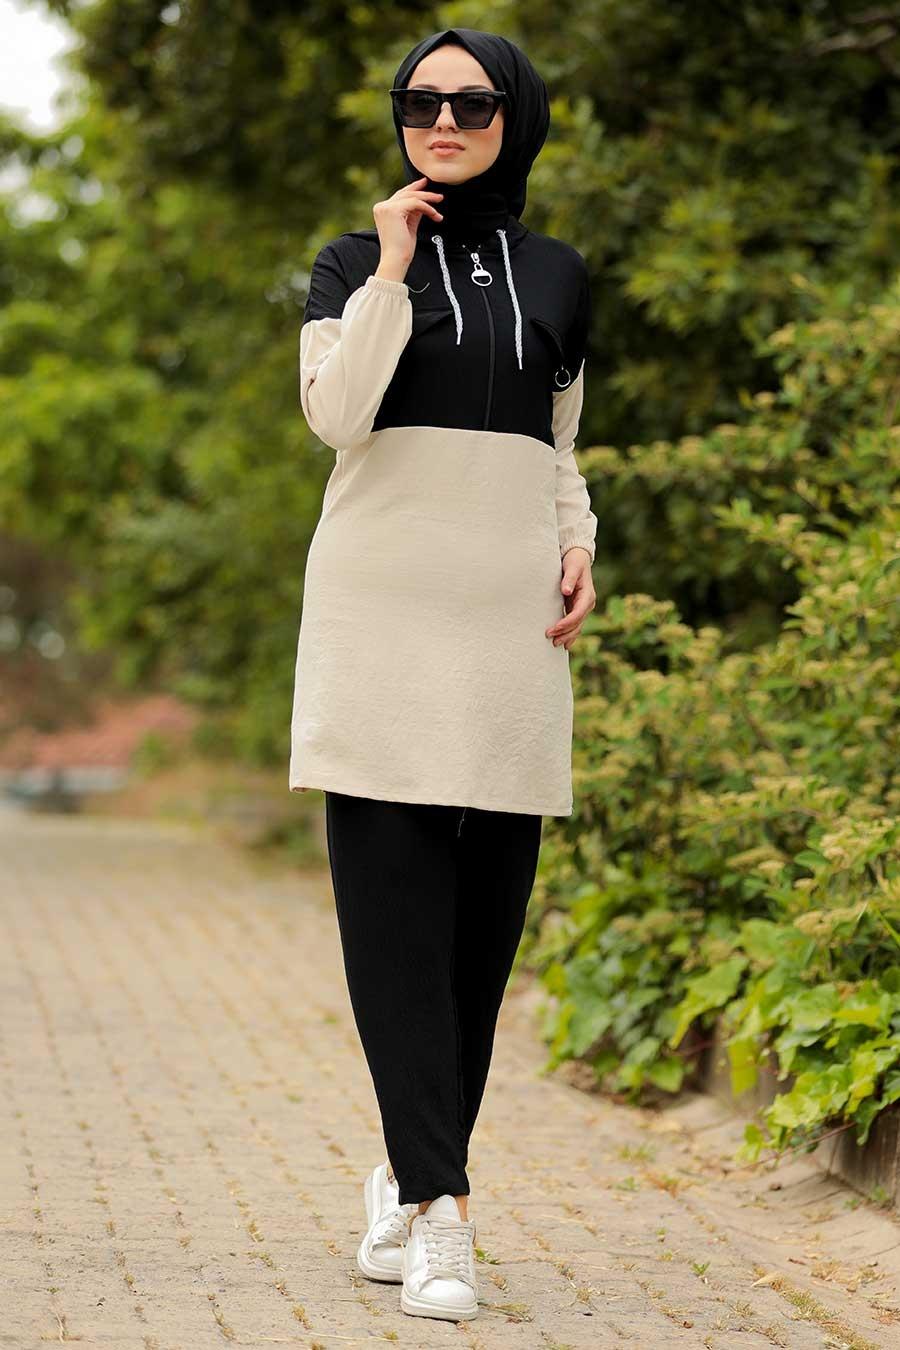 Neva Style - Kapşonlu Siyah Tesettür İkili Takım 9621S